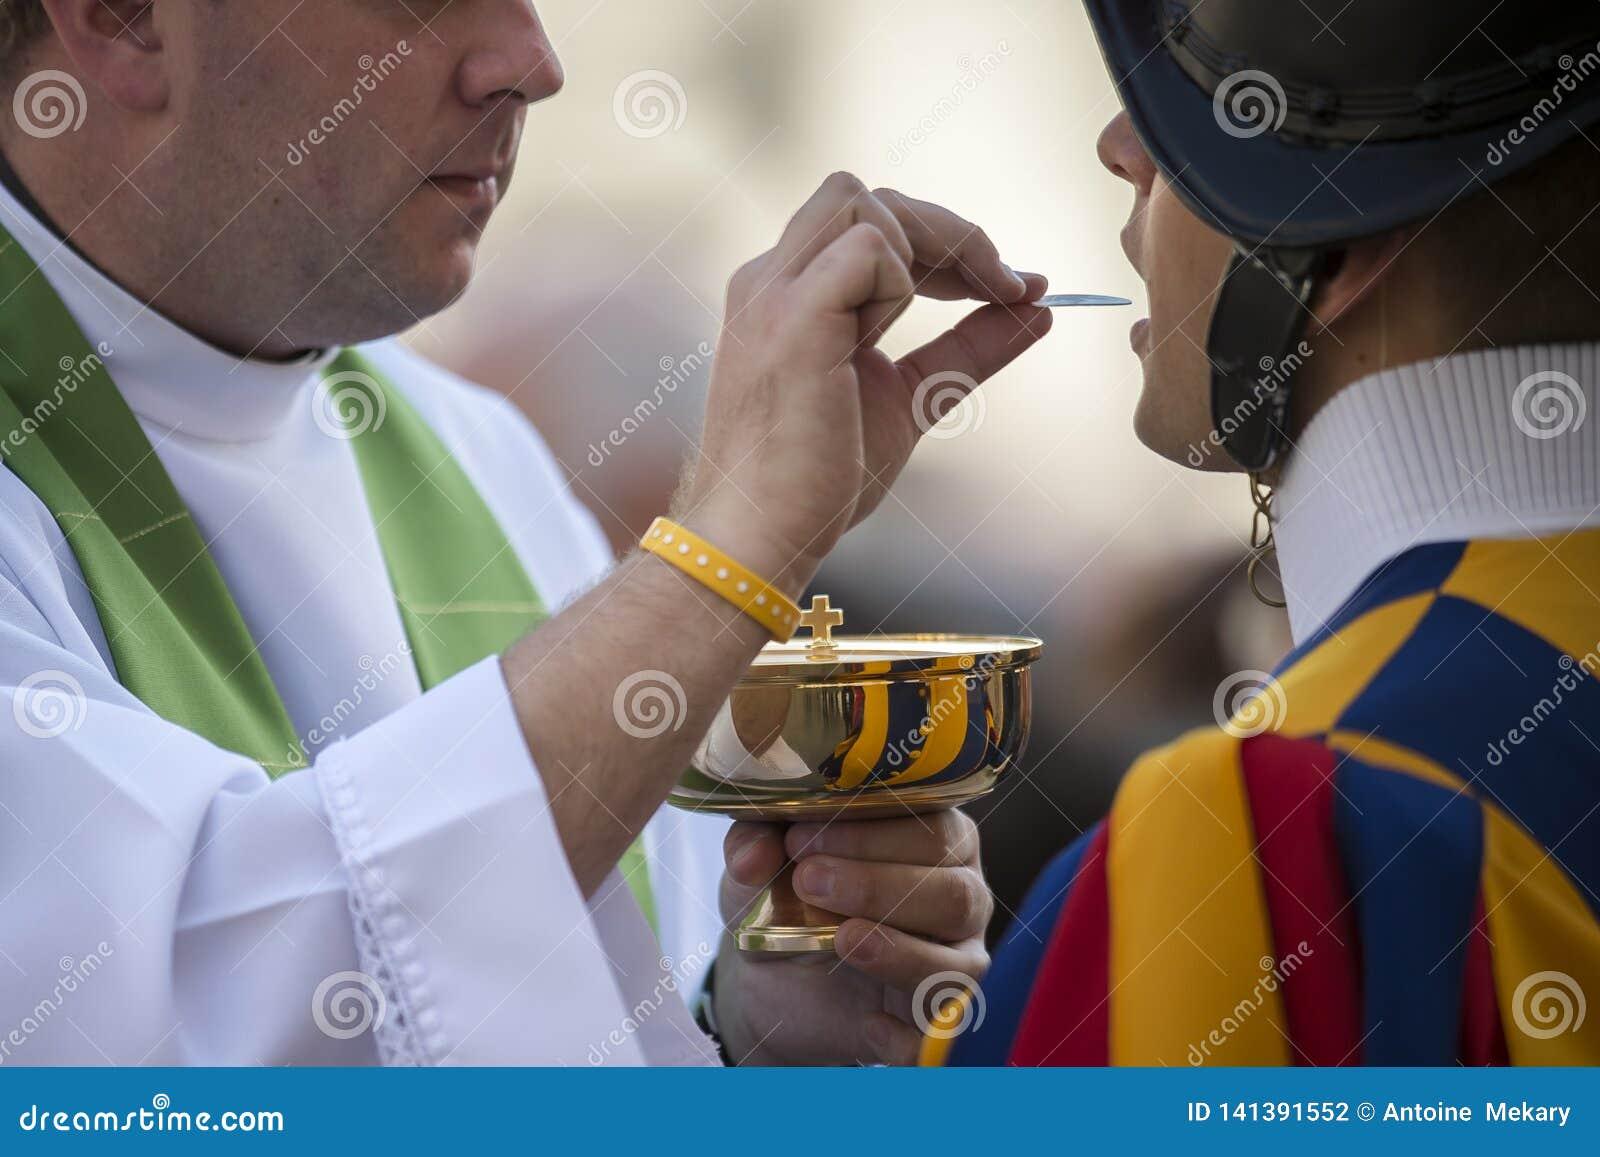 Katholieke priester die een Zwitserse Wacht de Heilige Communie geven